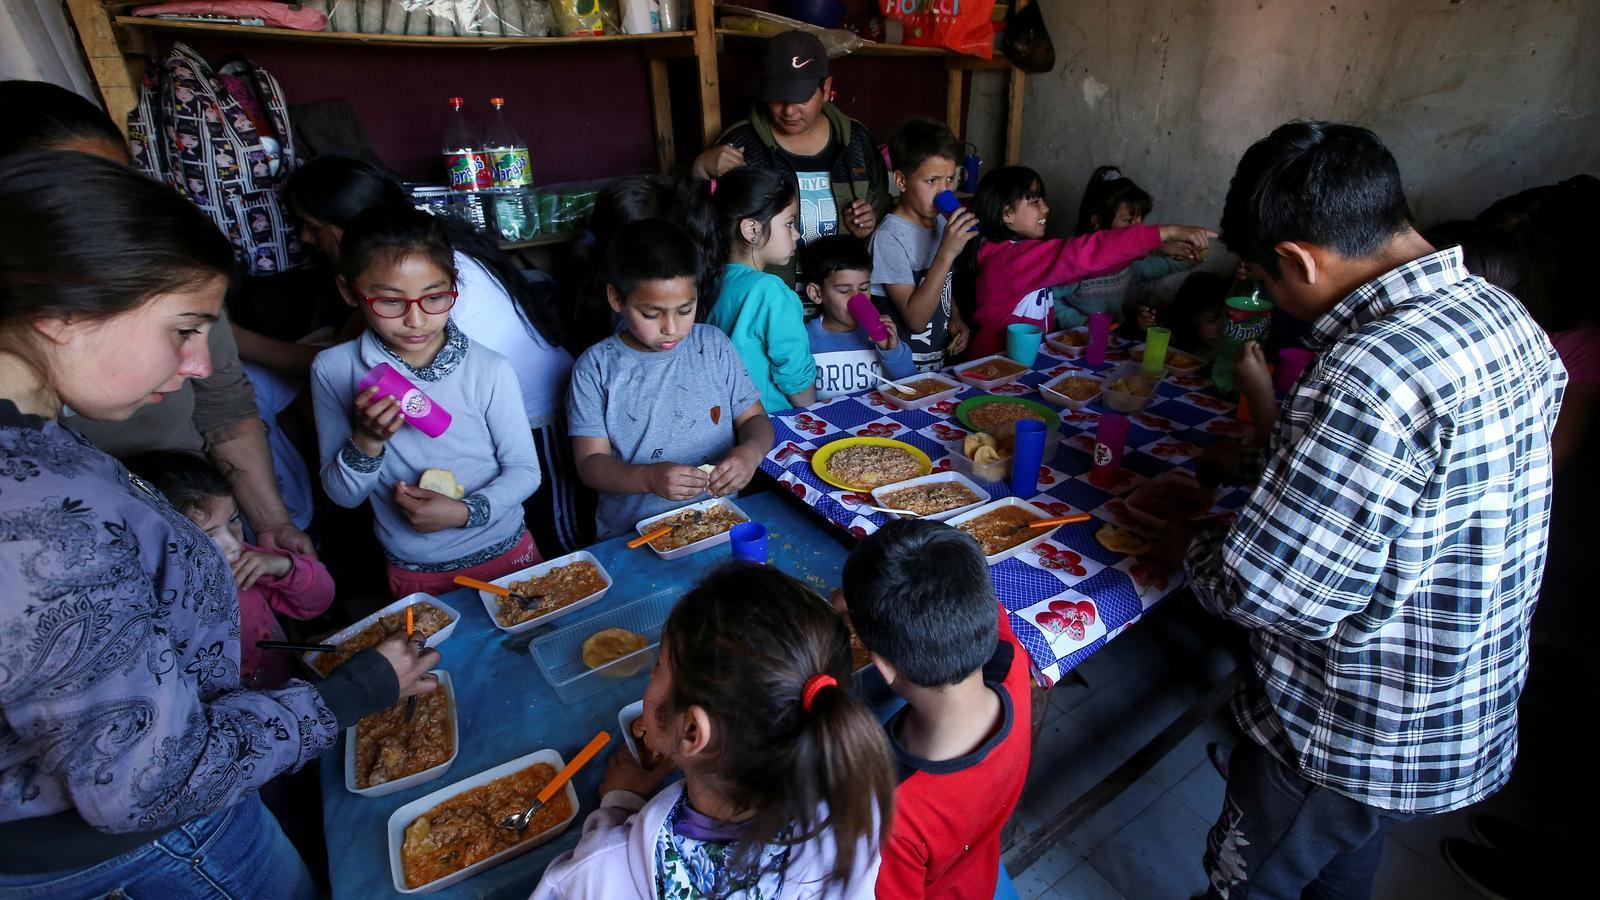 L'Argentina decreta l'emergència alimentària per alimentar els més pobres